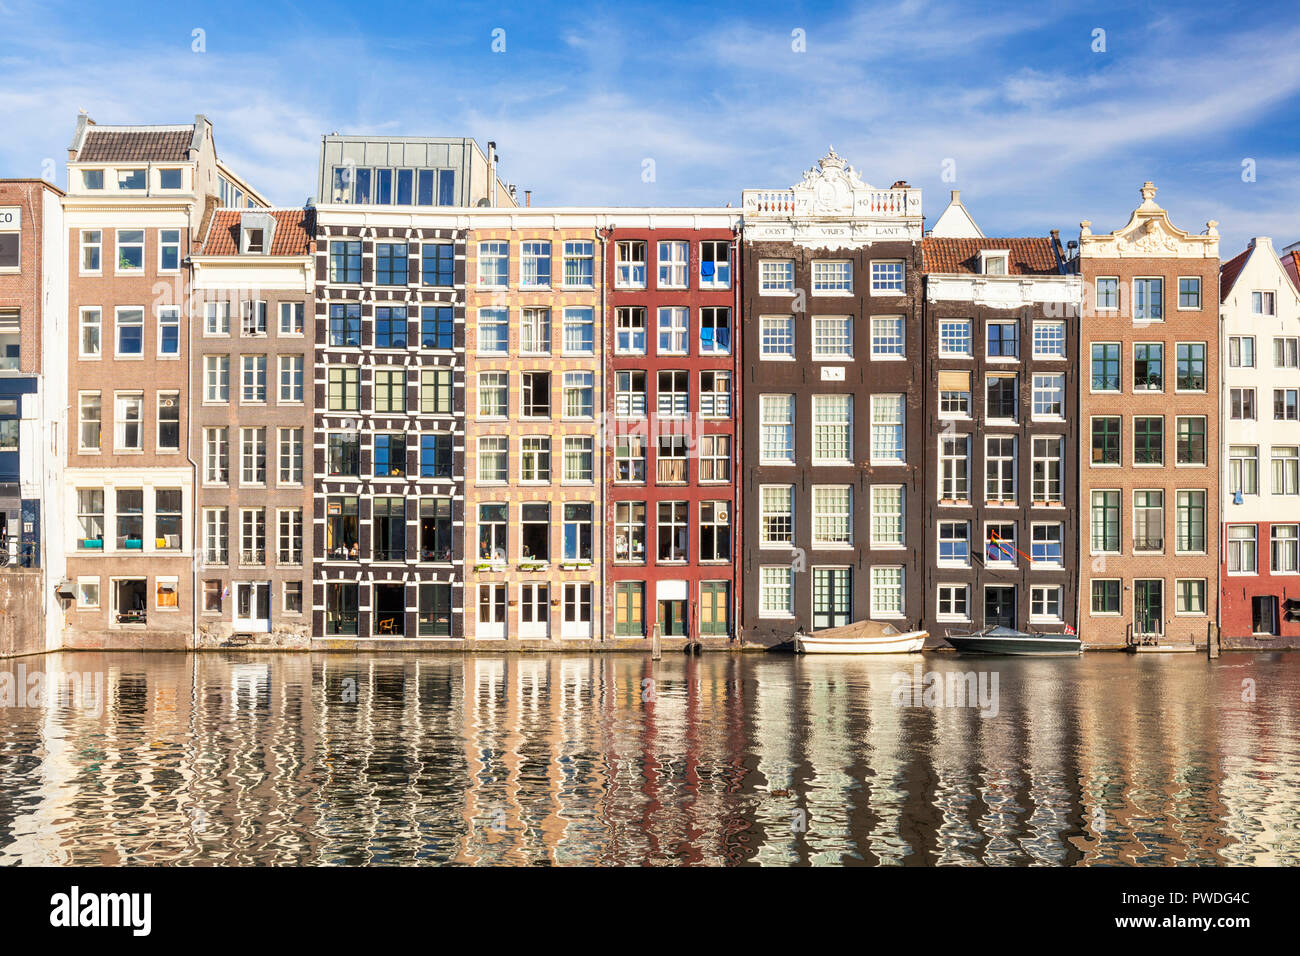 Ámsterdam alberga en Damrak, parcialmente llenos en canal casas de baile con arquitectura holandesa por el canal de Amsterdam Holanda Holanda UE Europa Imagen De Stock